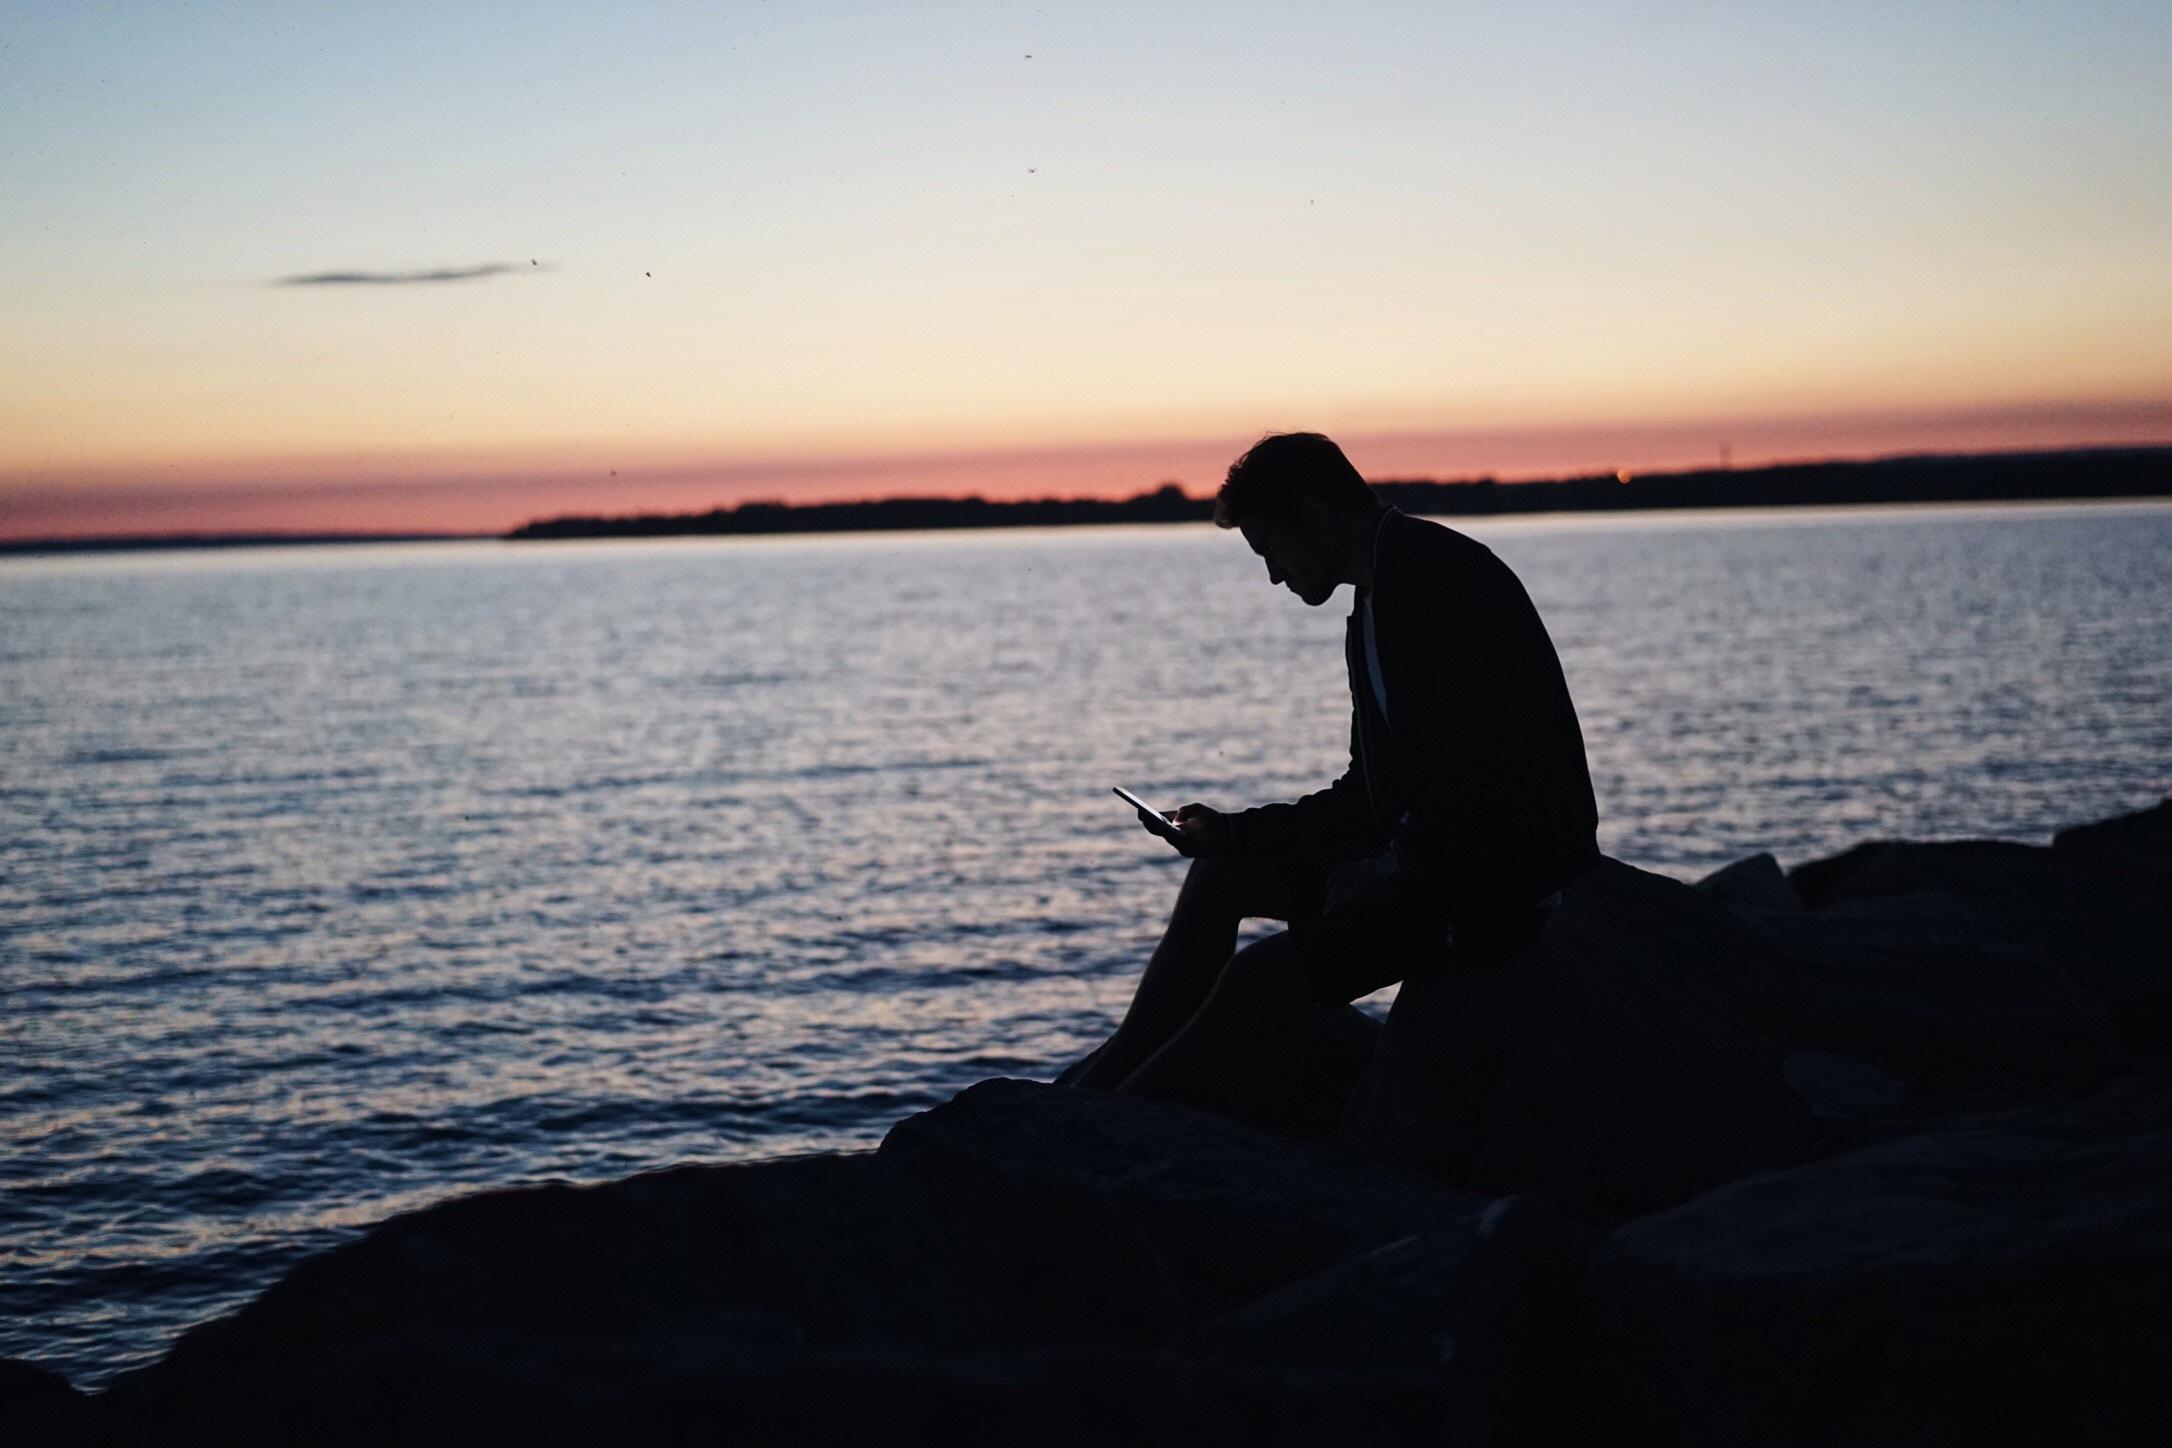 THÉRAPIE EN LIGNE - PenseesIntrusives.com vous met en contact avec des psychothérapeutes certifiés, spécialisés dans le traitement des pensées intrusives, des TOCs et des troubles associés à l'anxiété. La thérapie utilisée est la Thérapie Cognitive Comportementale (TCC).Vous choisissez avec votre psychothérapeute l'horaire qui vous convient et la plateforme la plus pratique pour vous (vidéo conférence, téléphone…).